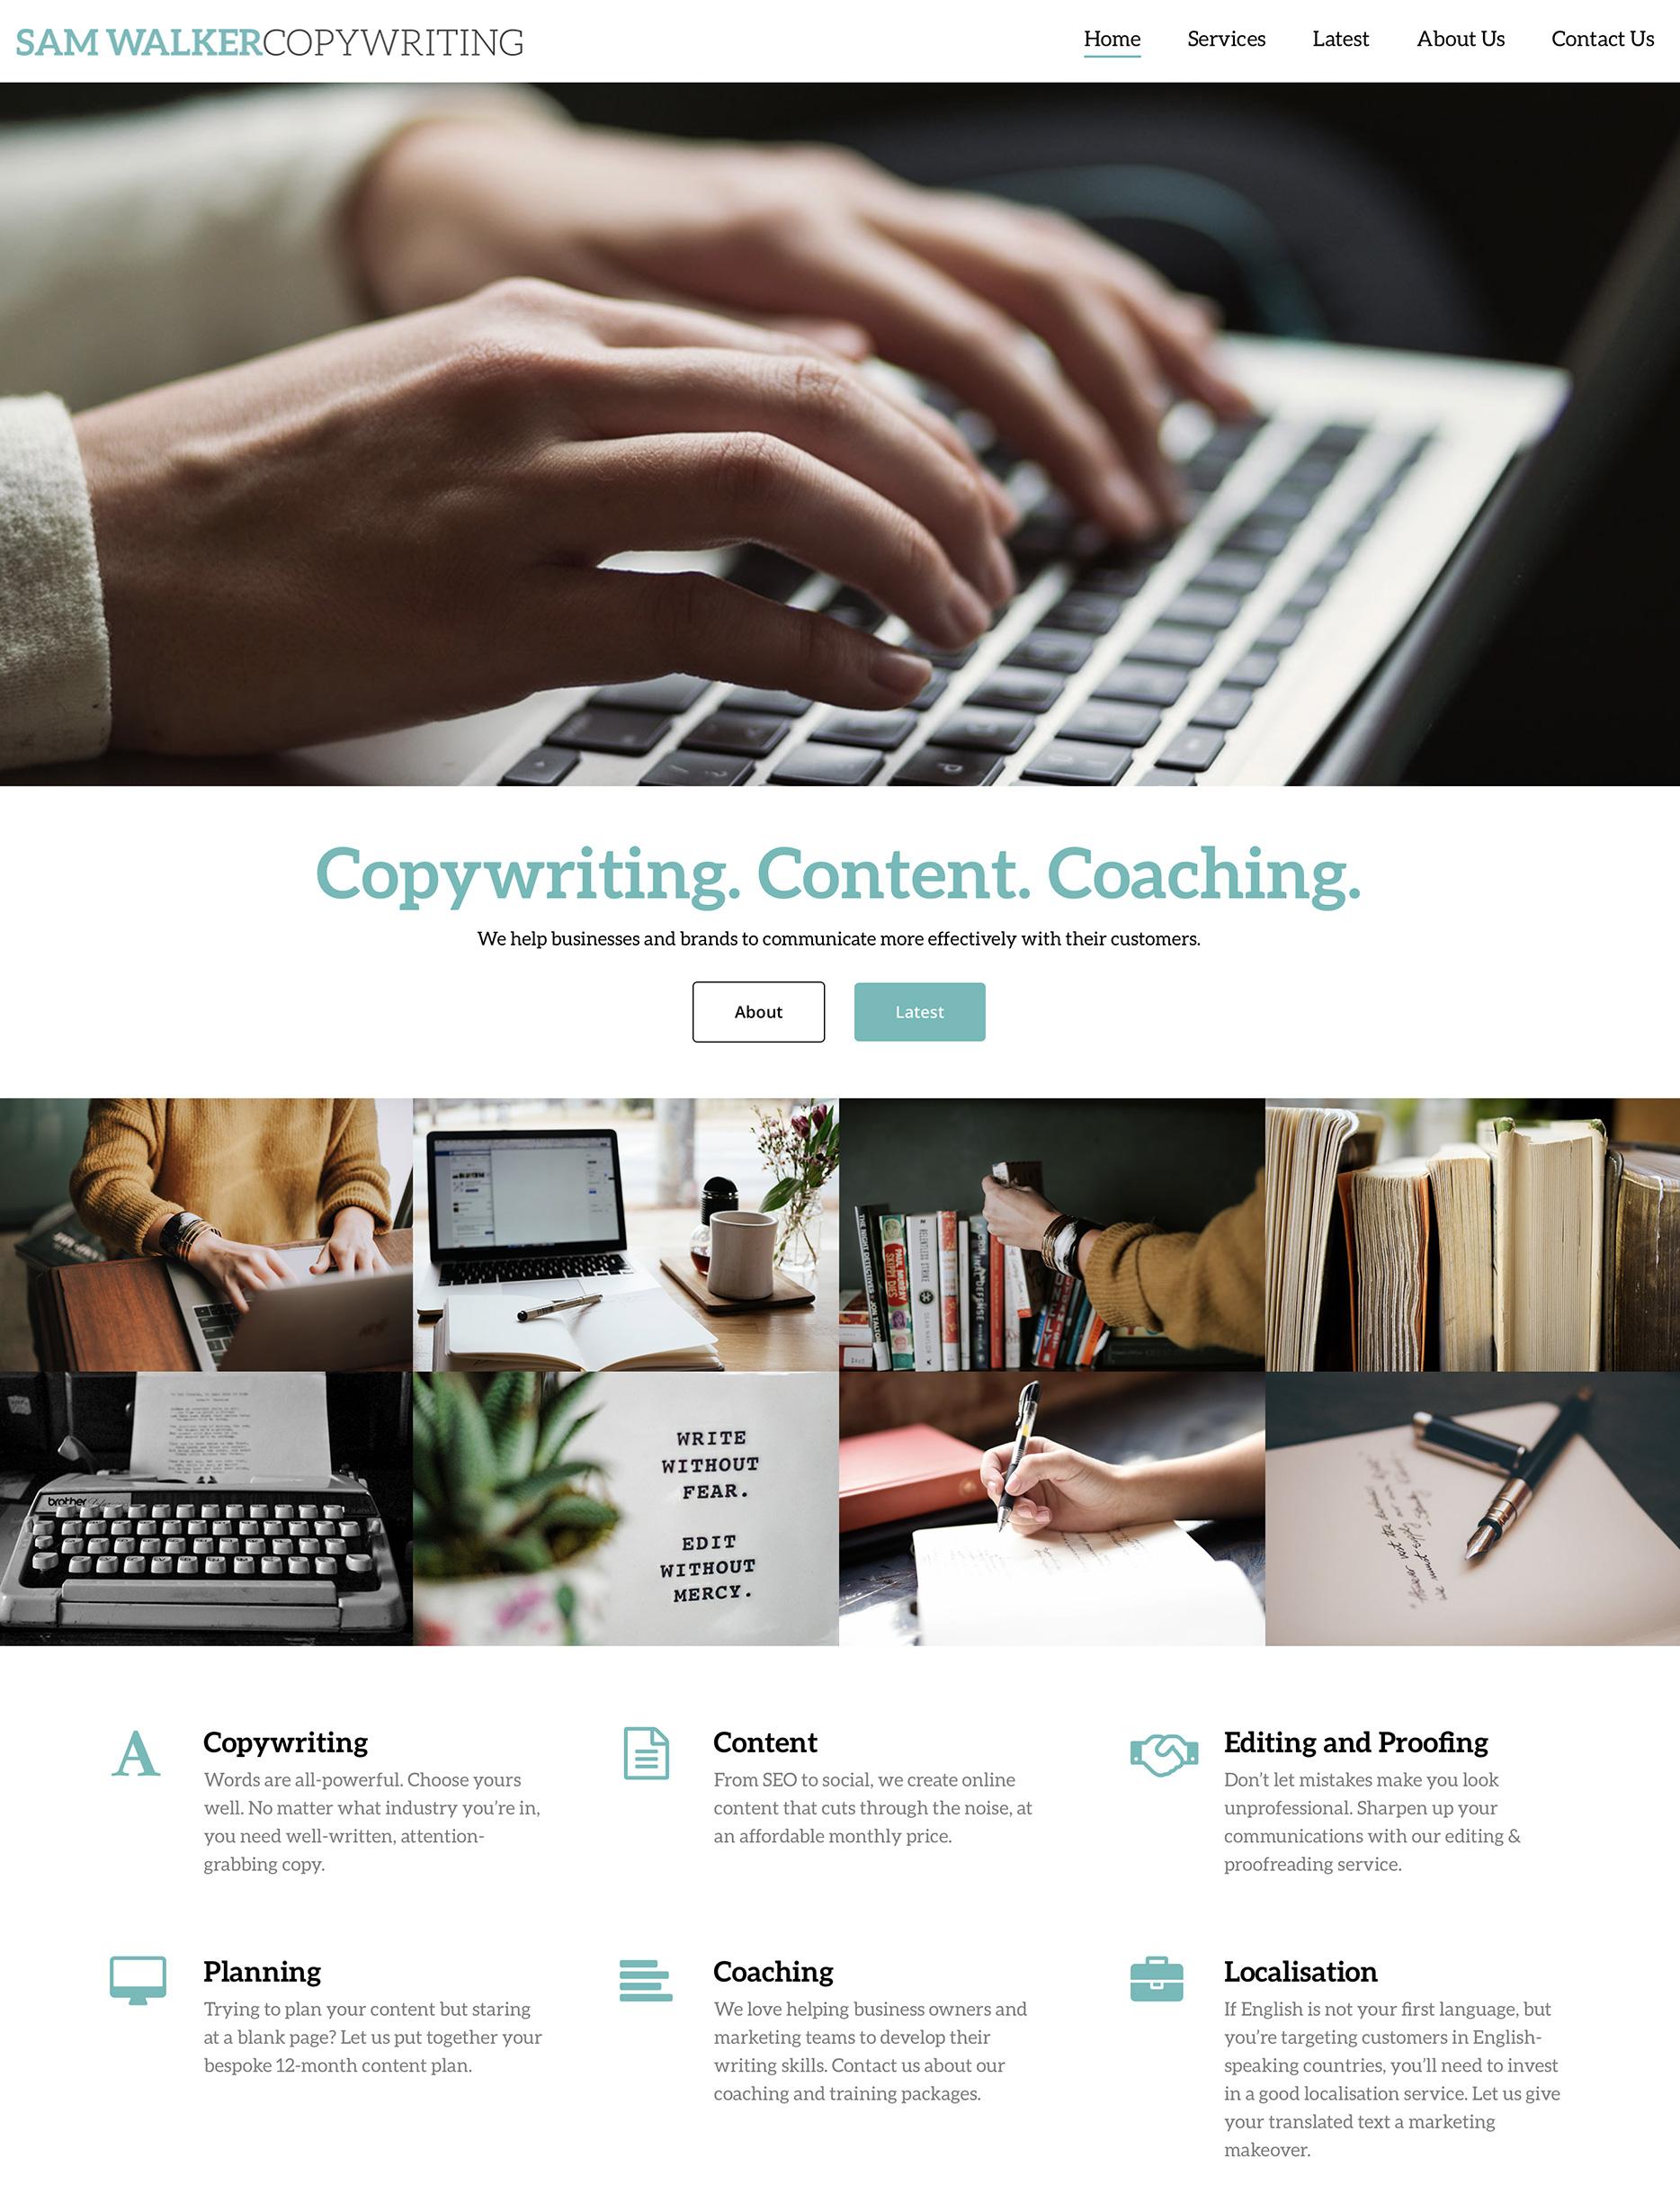 New website for Sam Walker Copywriting